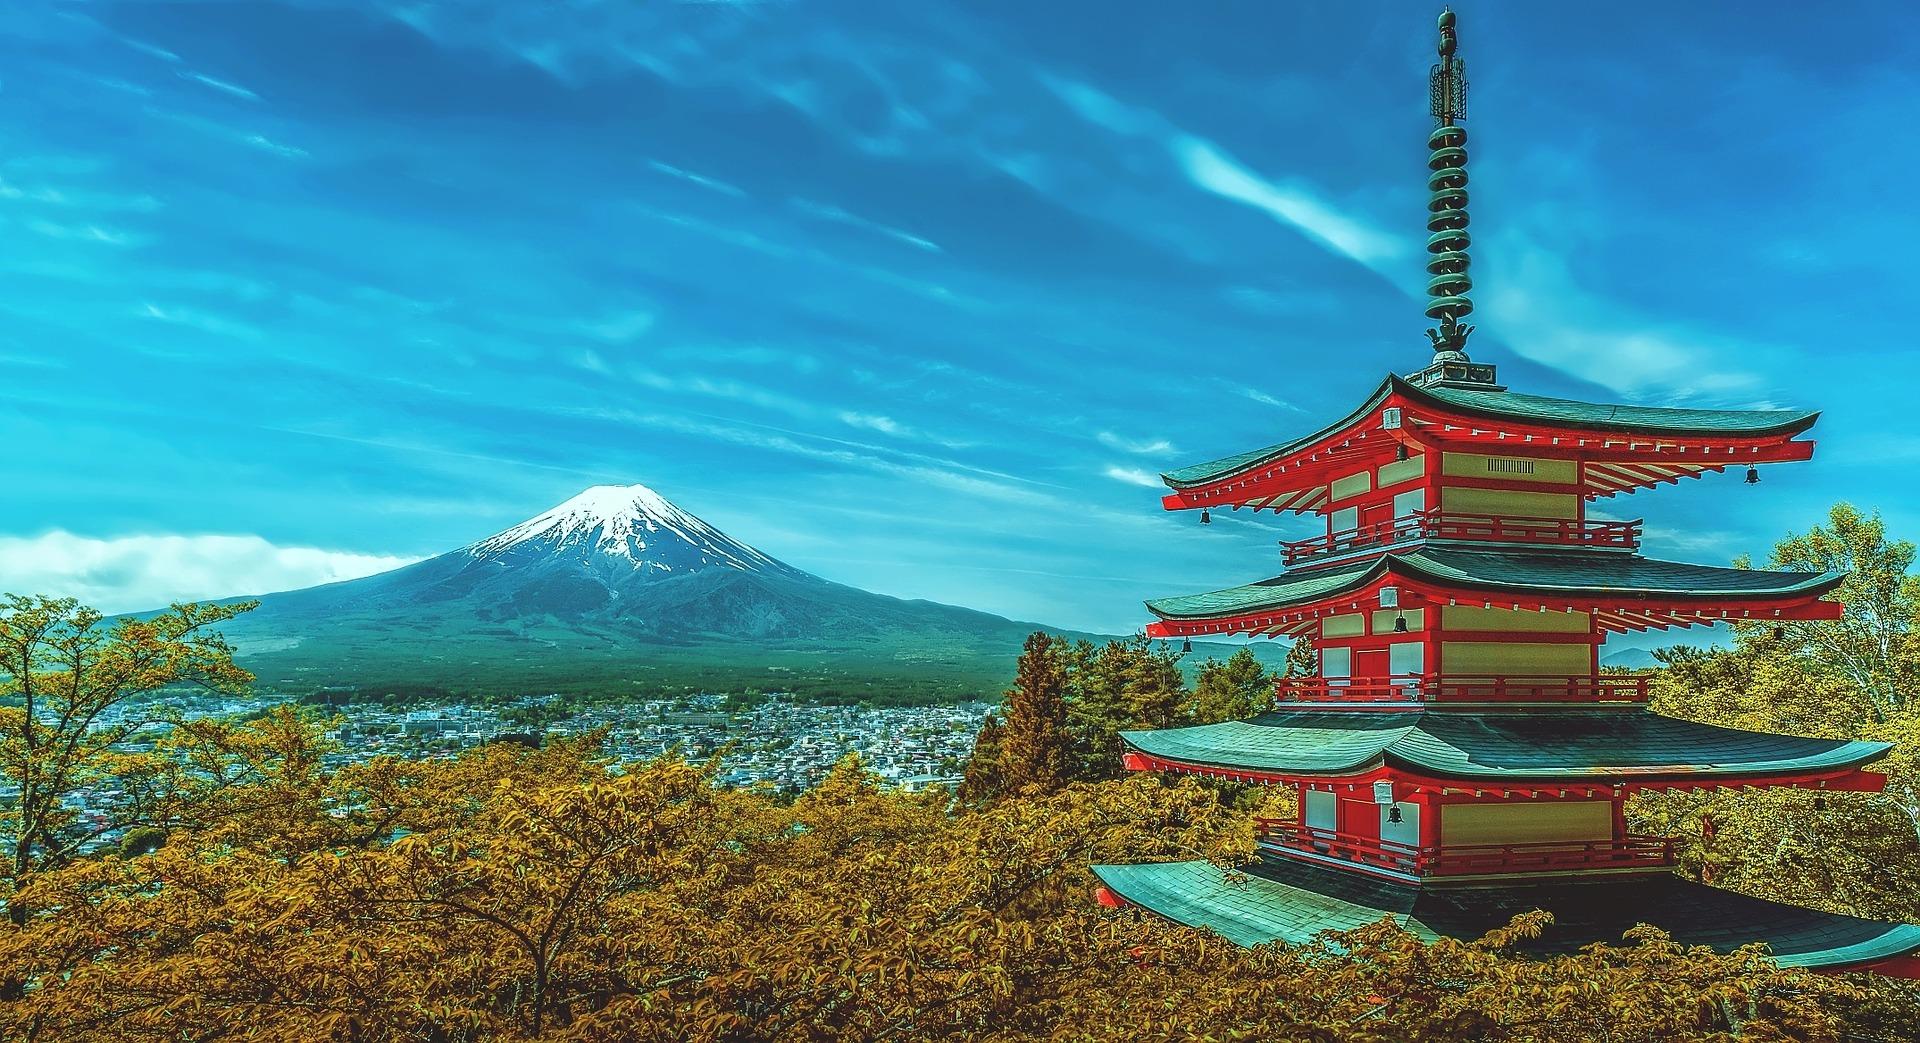 Rundreise Japan: Empfehlungen & Vergleich (07/20)